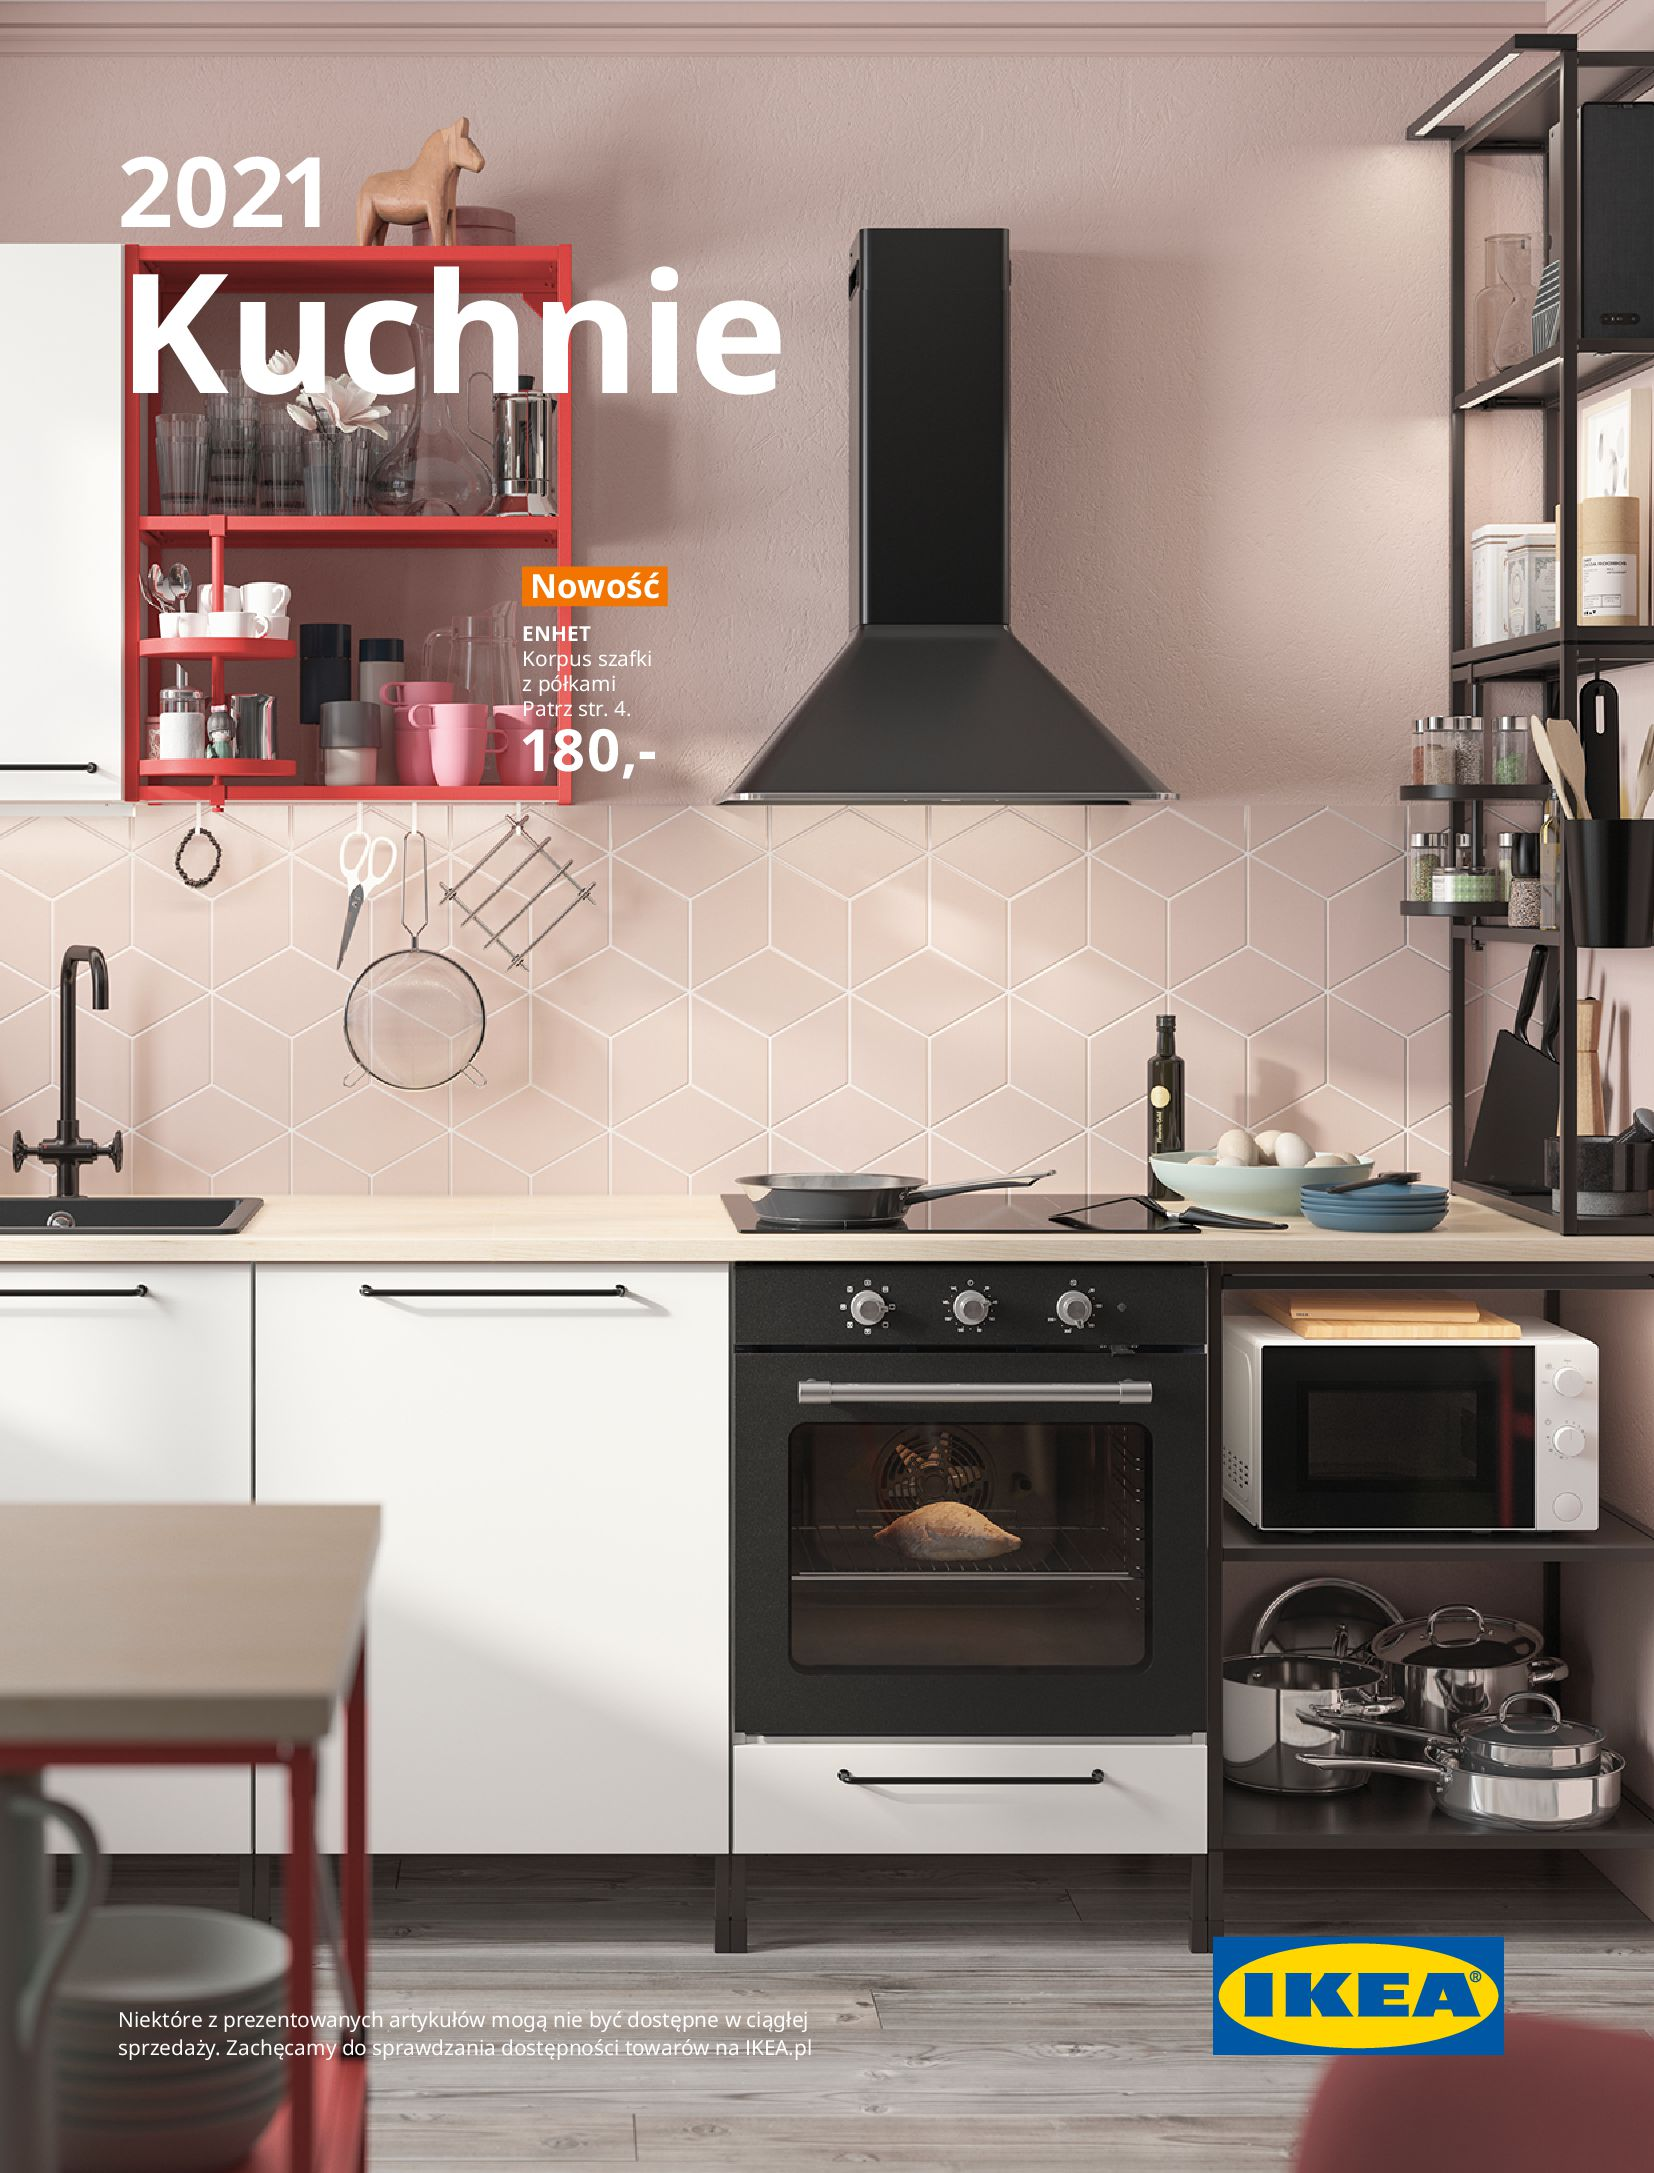 Gazetka IKEA: KUCHNIE 2021 2021-01-13 page-1